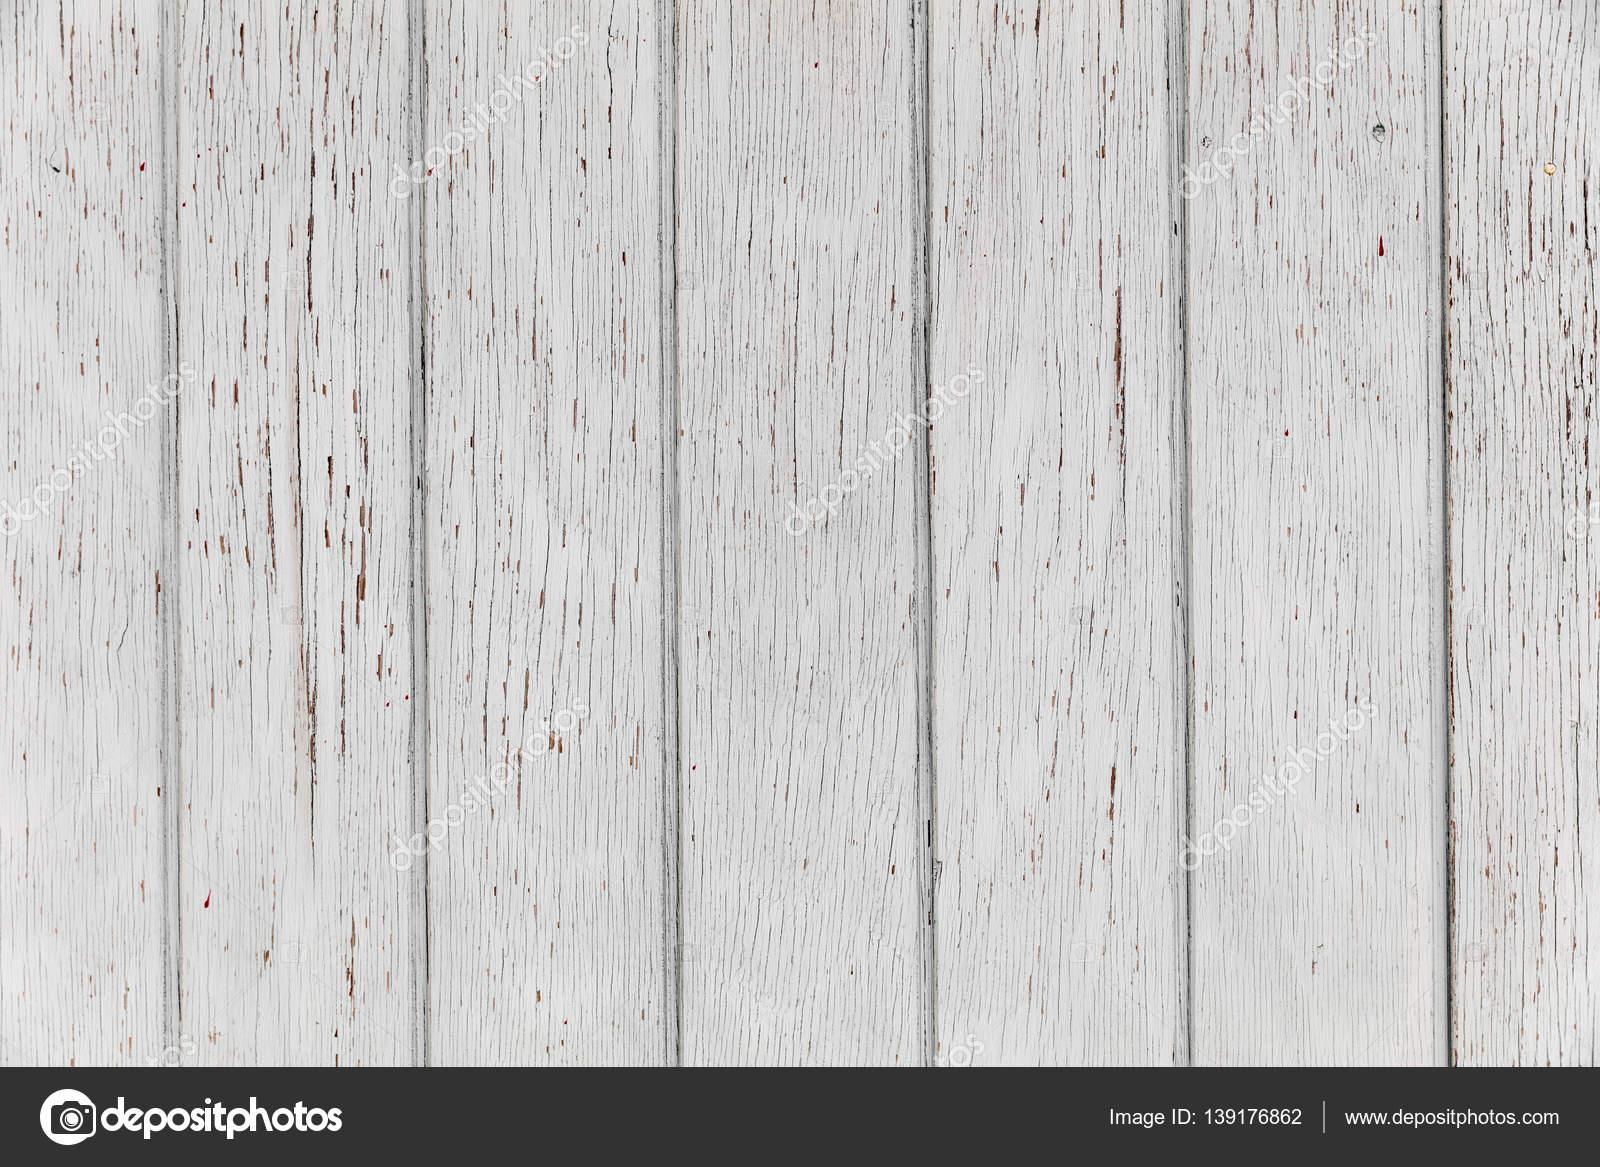 Pared de madera blanca tableros viejo blanco fondo - Perchas de madera blancas ...